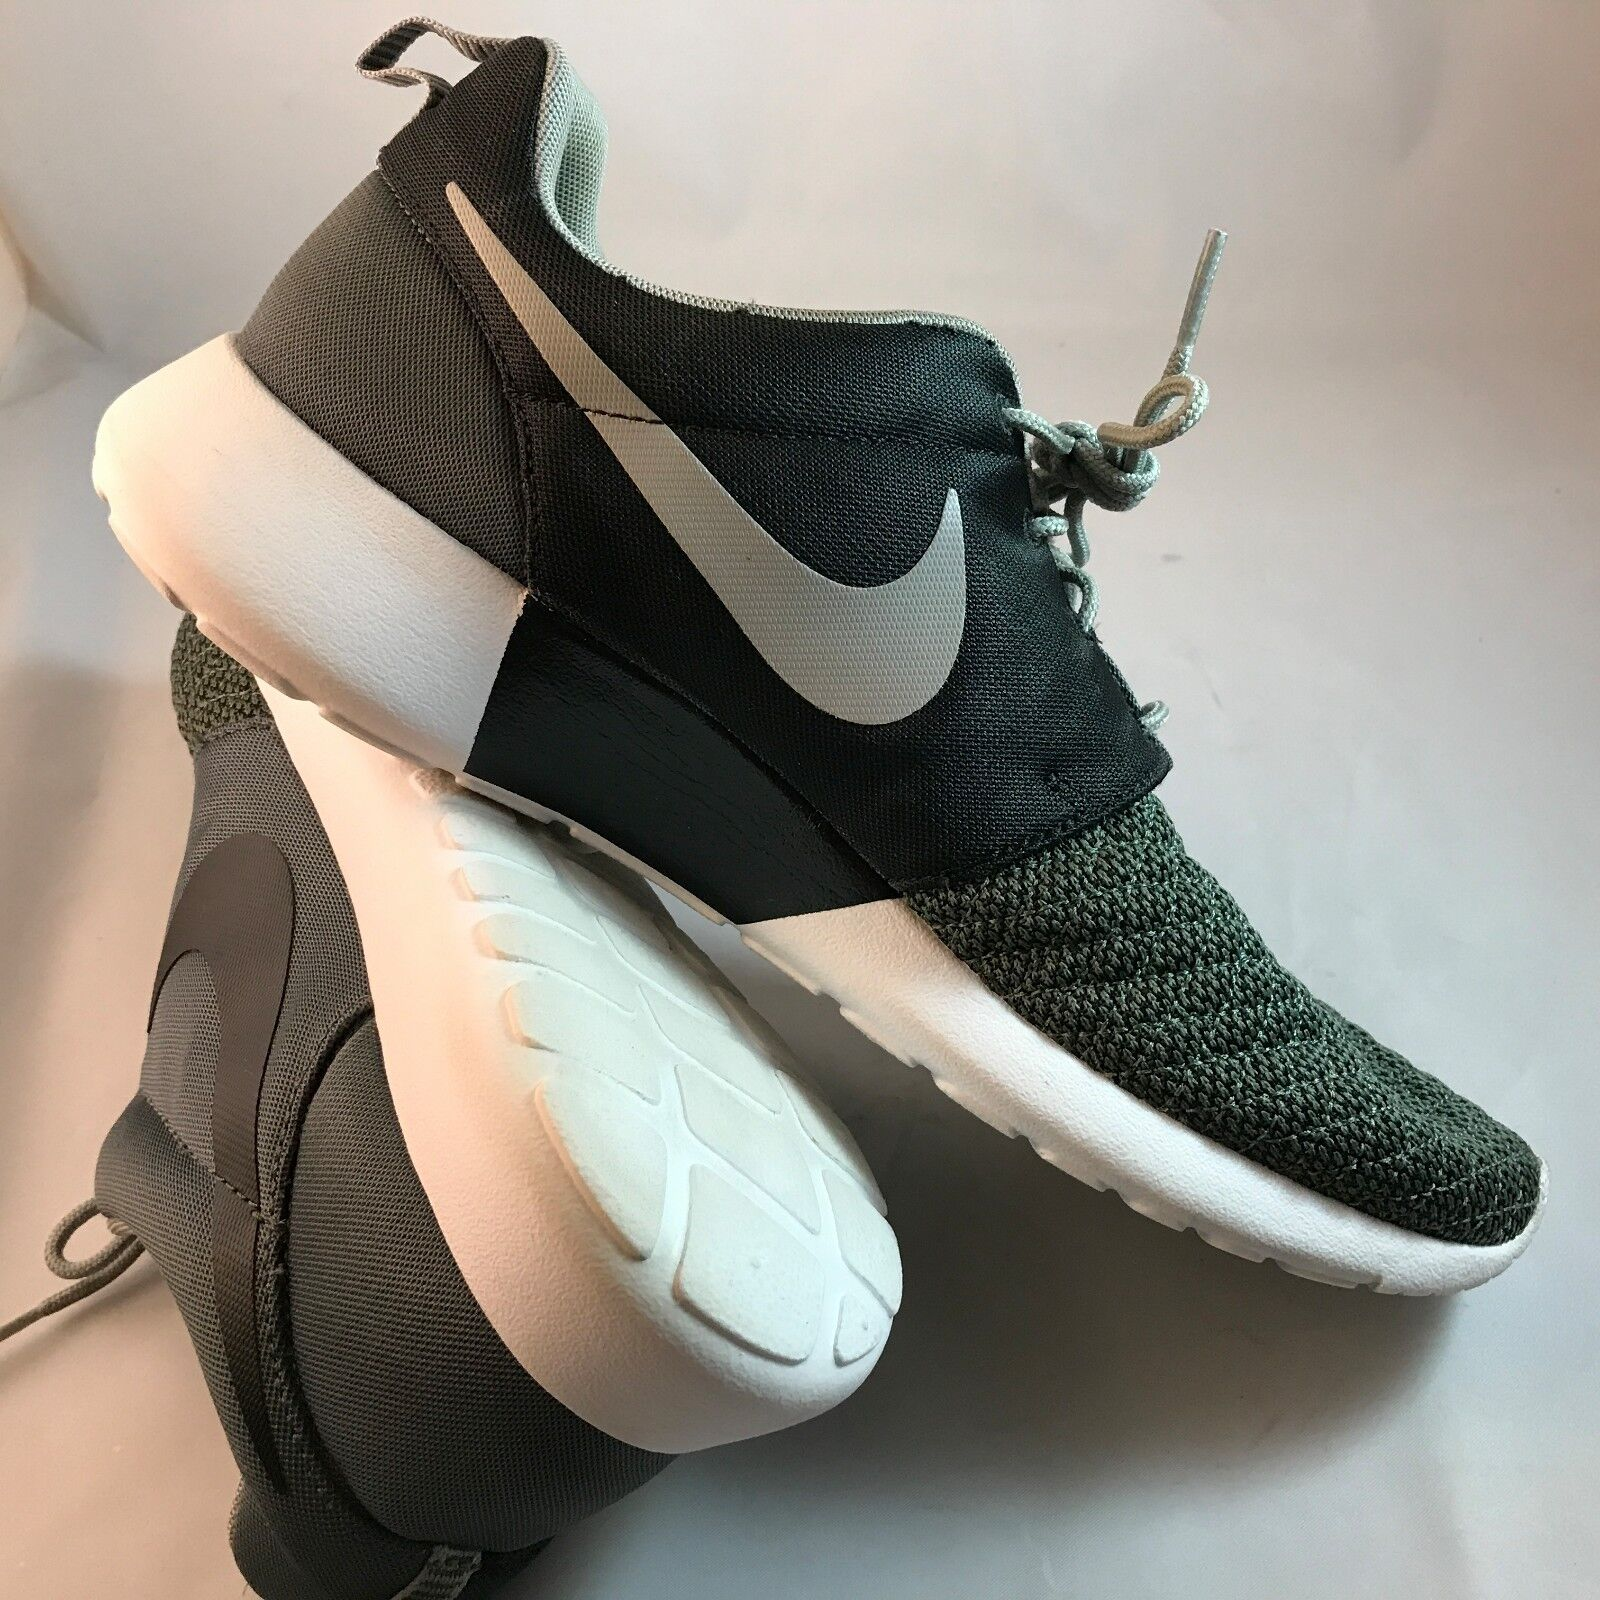 Nike Roshe run Premium Dark Mica Green sz 10.5 Men's 525234-301 Flyknit Racer